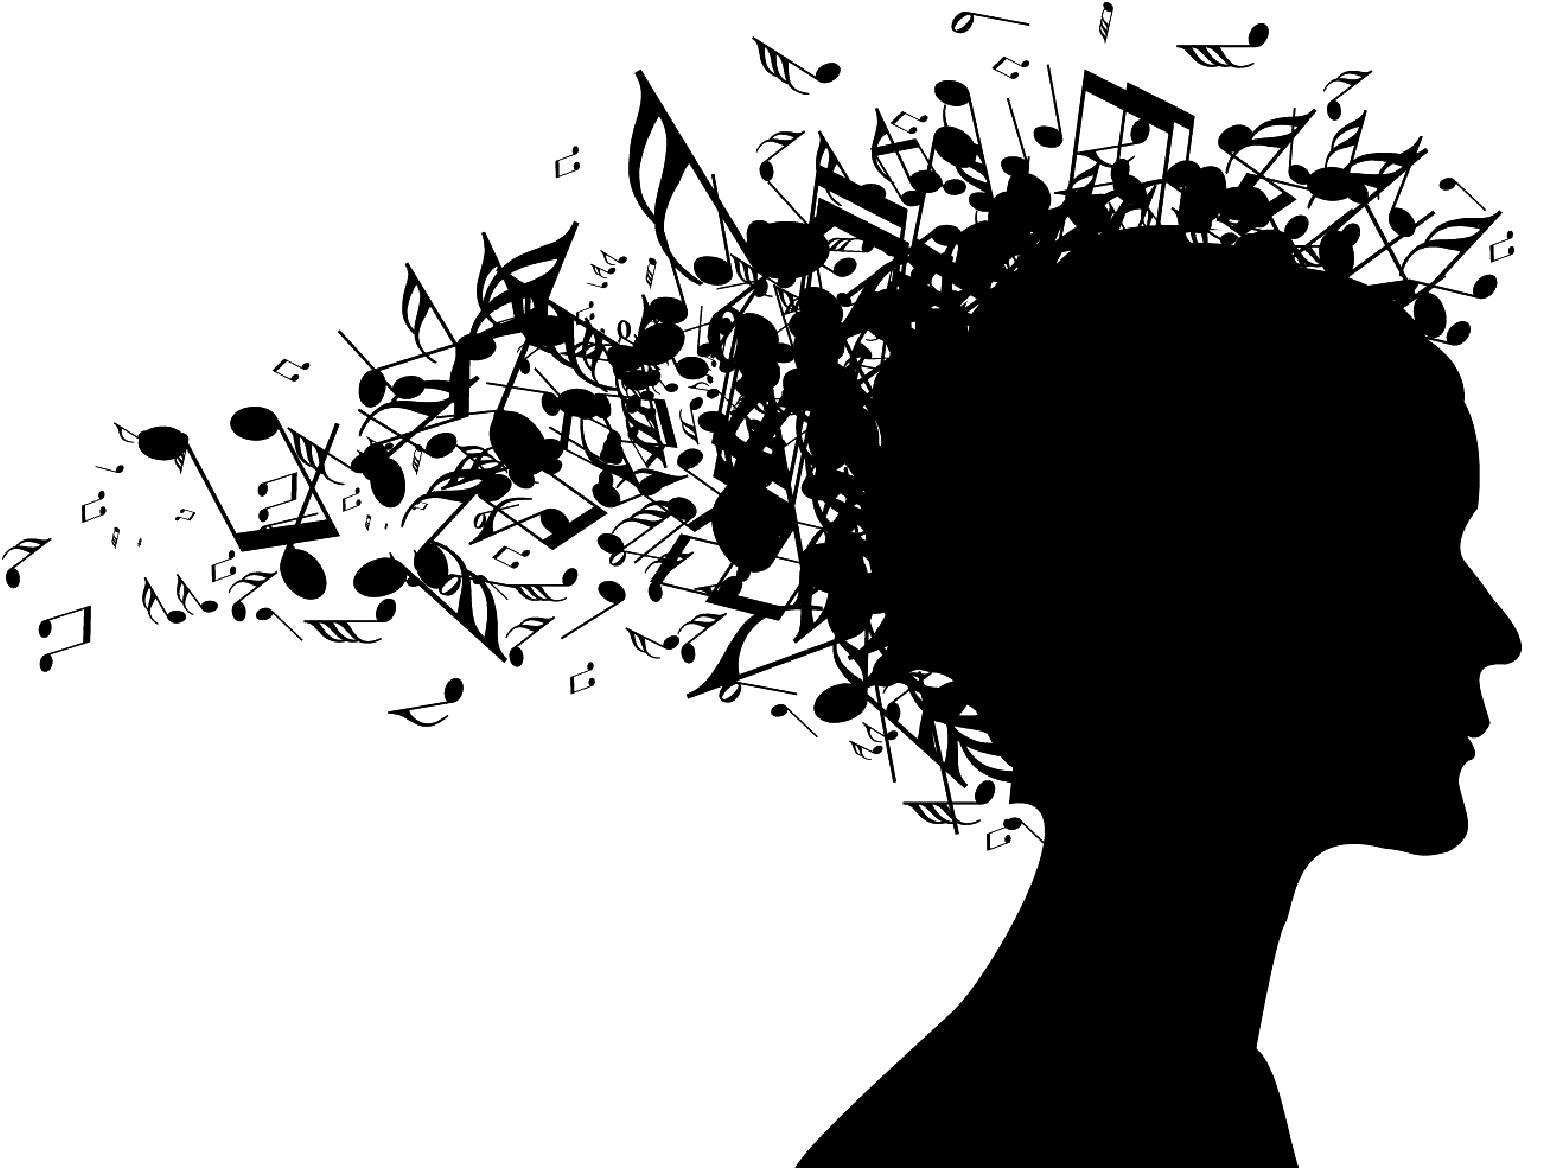 metiers-pratiques-creation-sonore-mise-jour-L-lCnthv